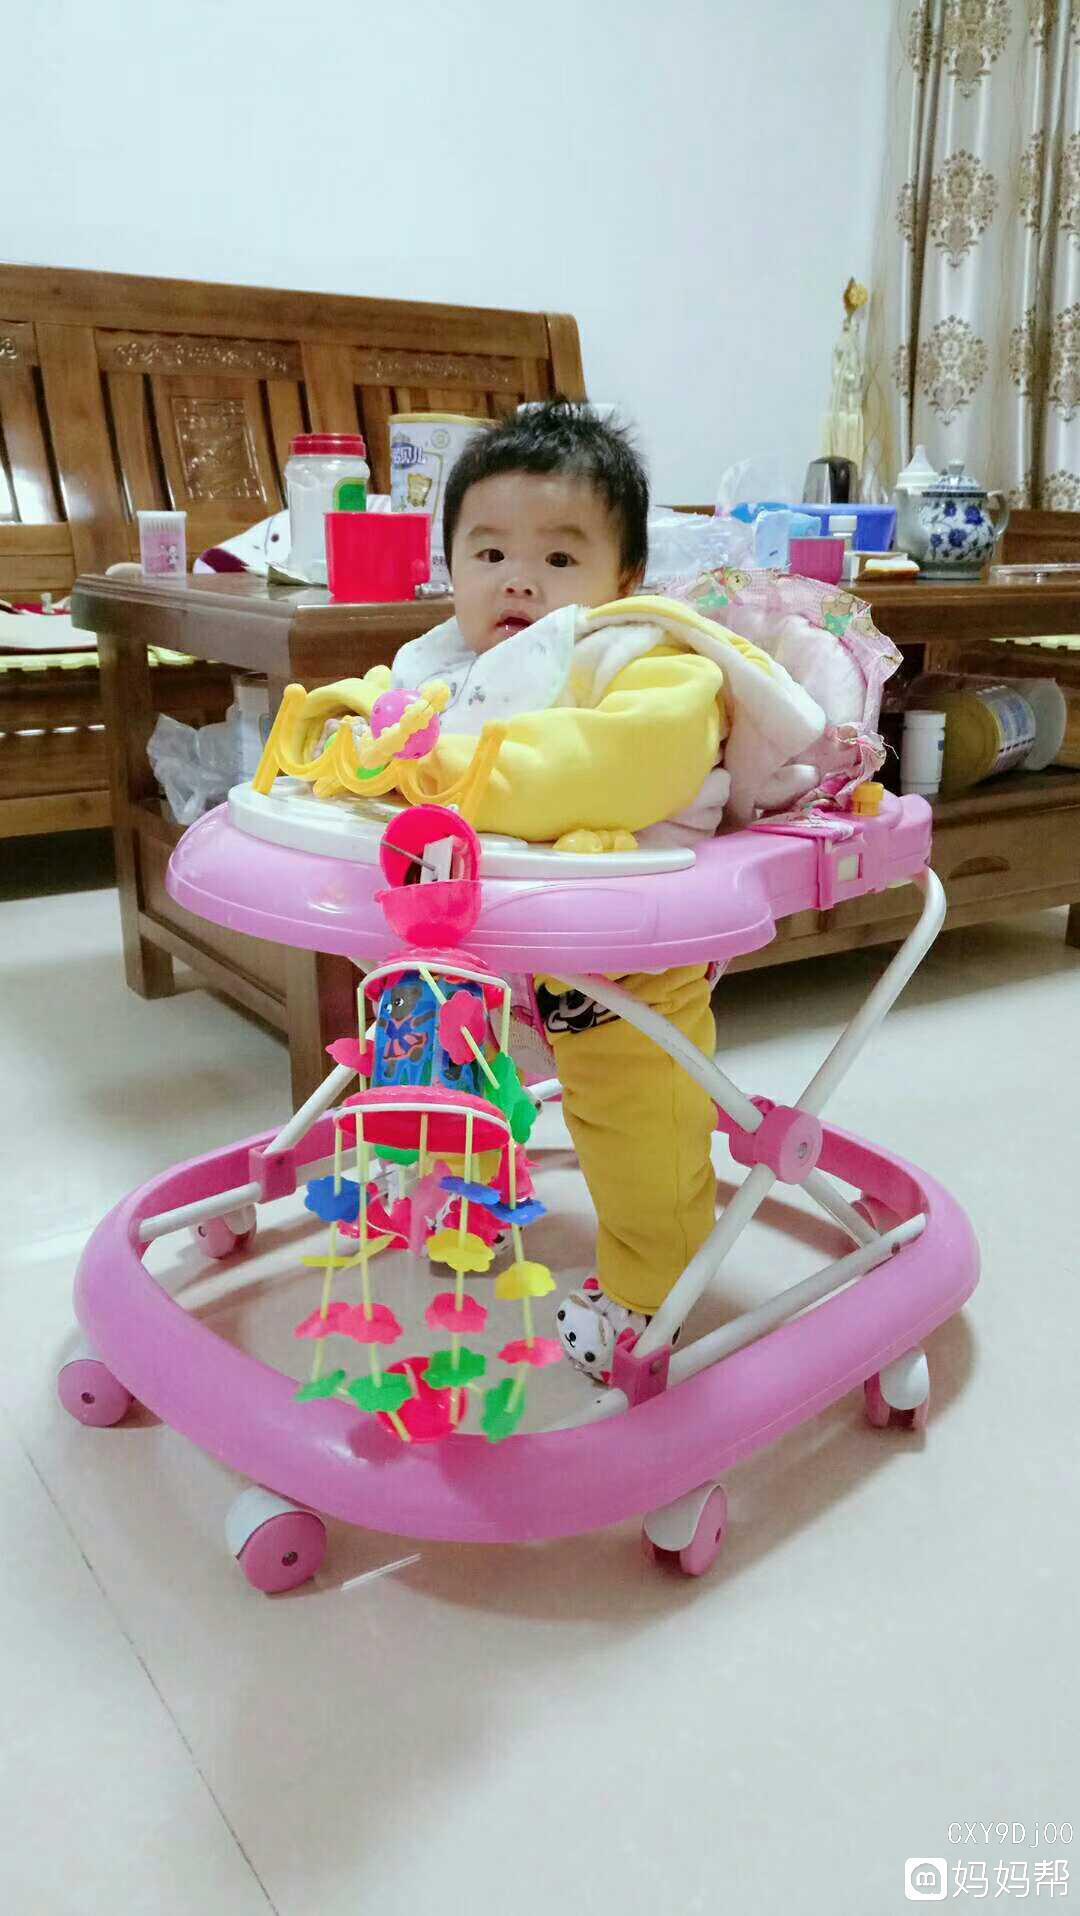 宝宝现在七个月体重十八斤,身高七十厘米,会不